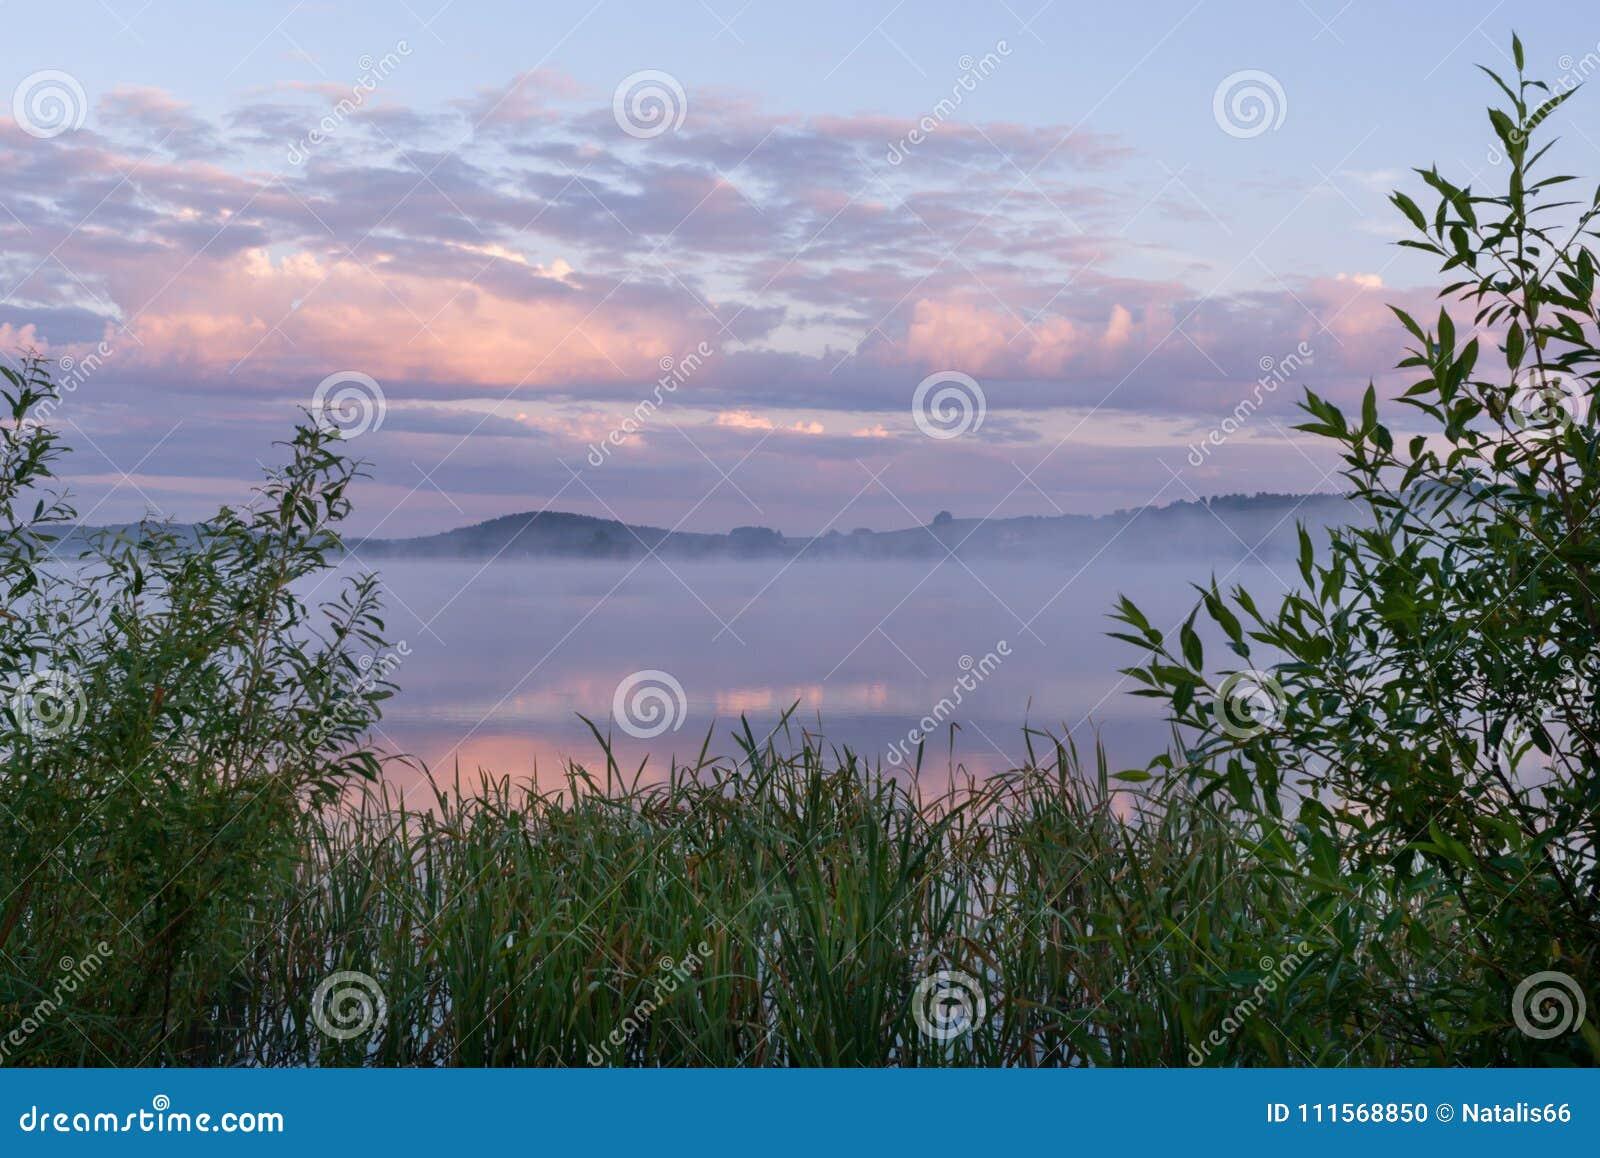 Río Con Niebla Y Nubes Rosadas Y Marco De Matorrales Costeros Verdes ...